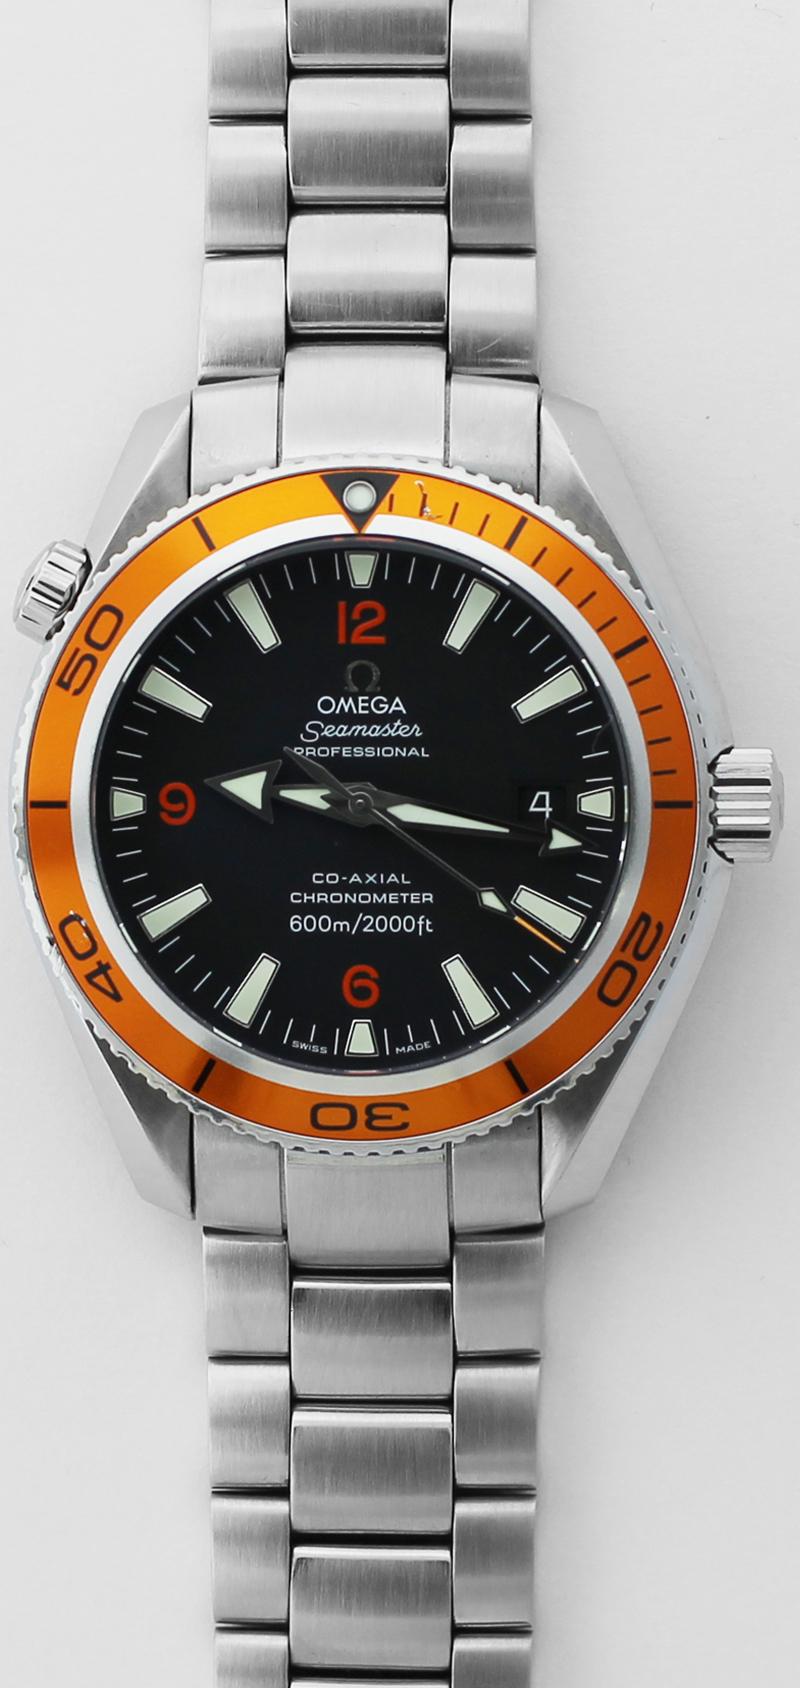 Omega Seamaster Professional on Bracelet with Box